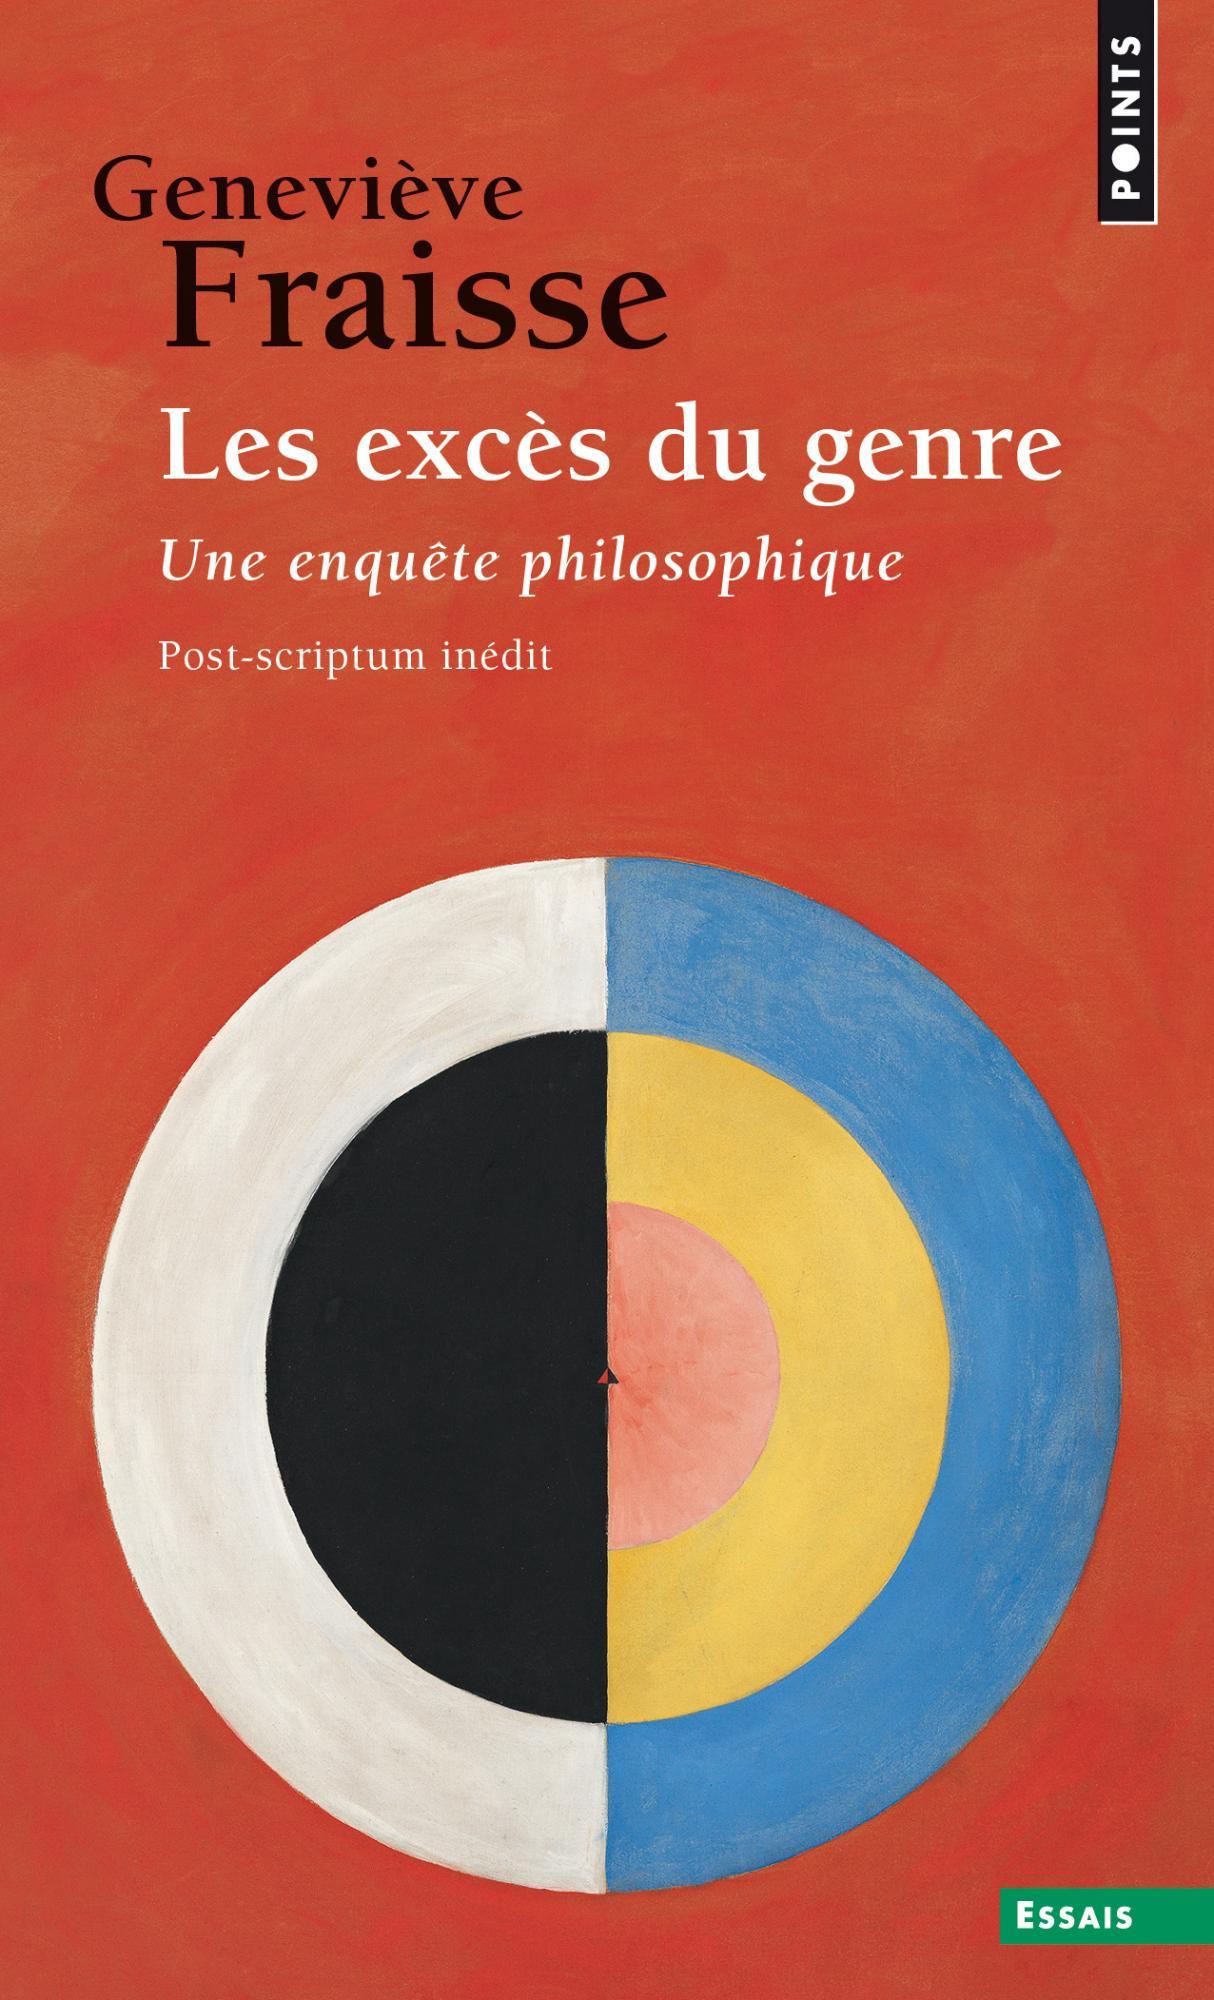 G. Fraisse, Les Excès du genre. Une enquête philosophique